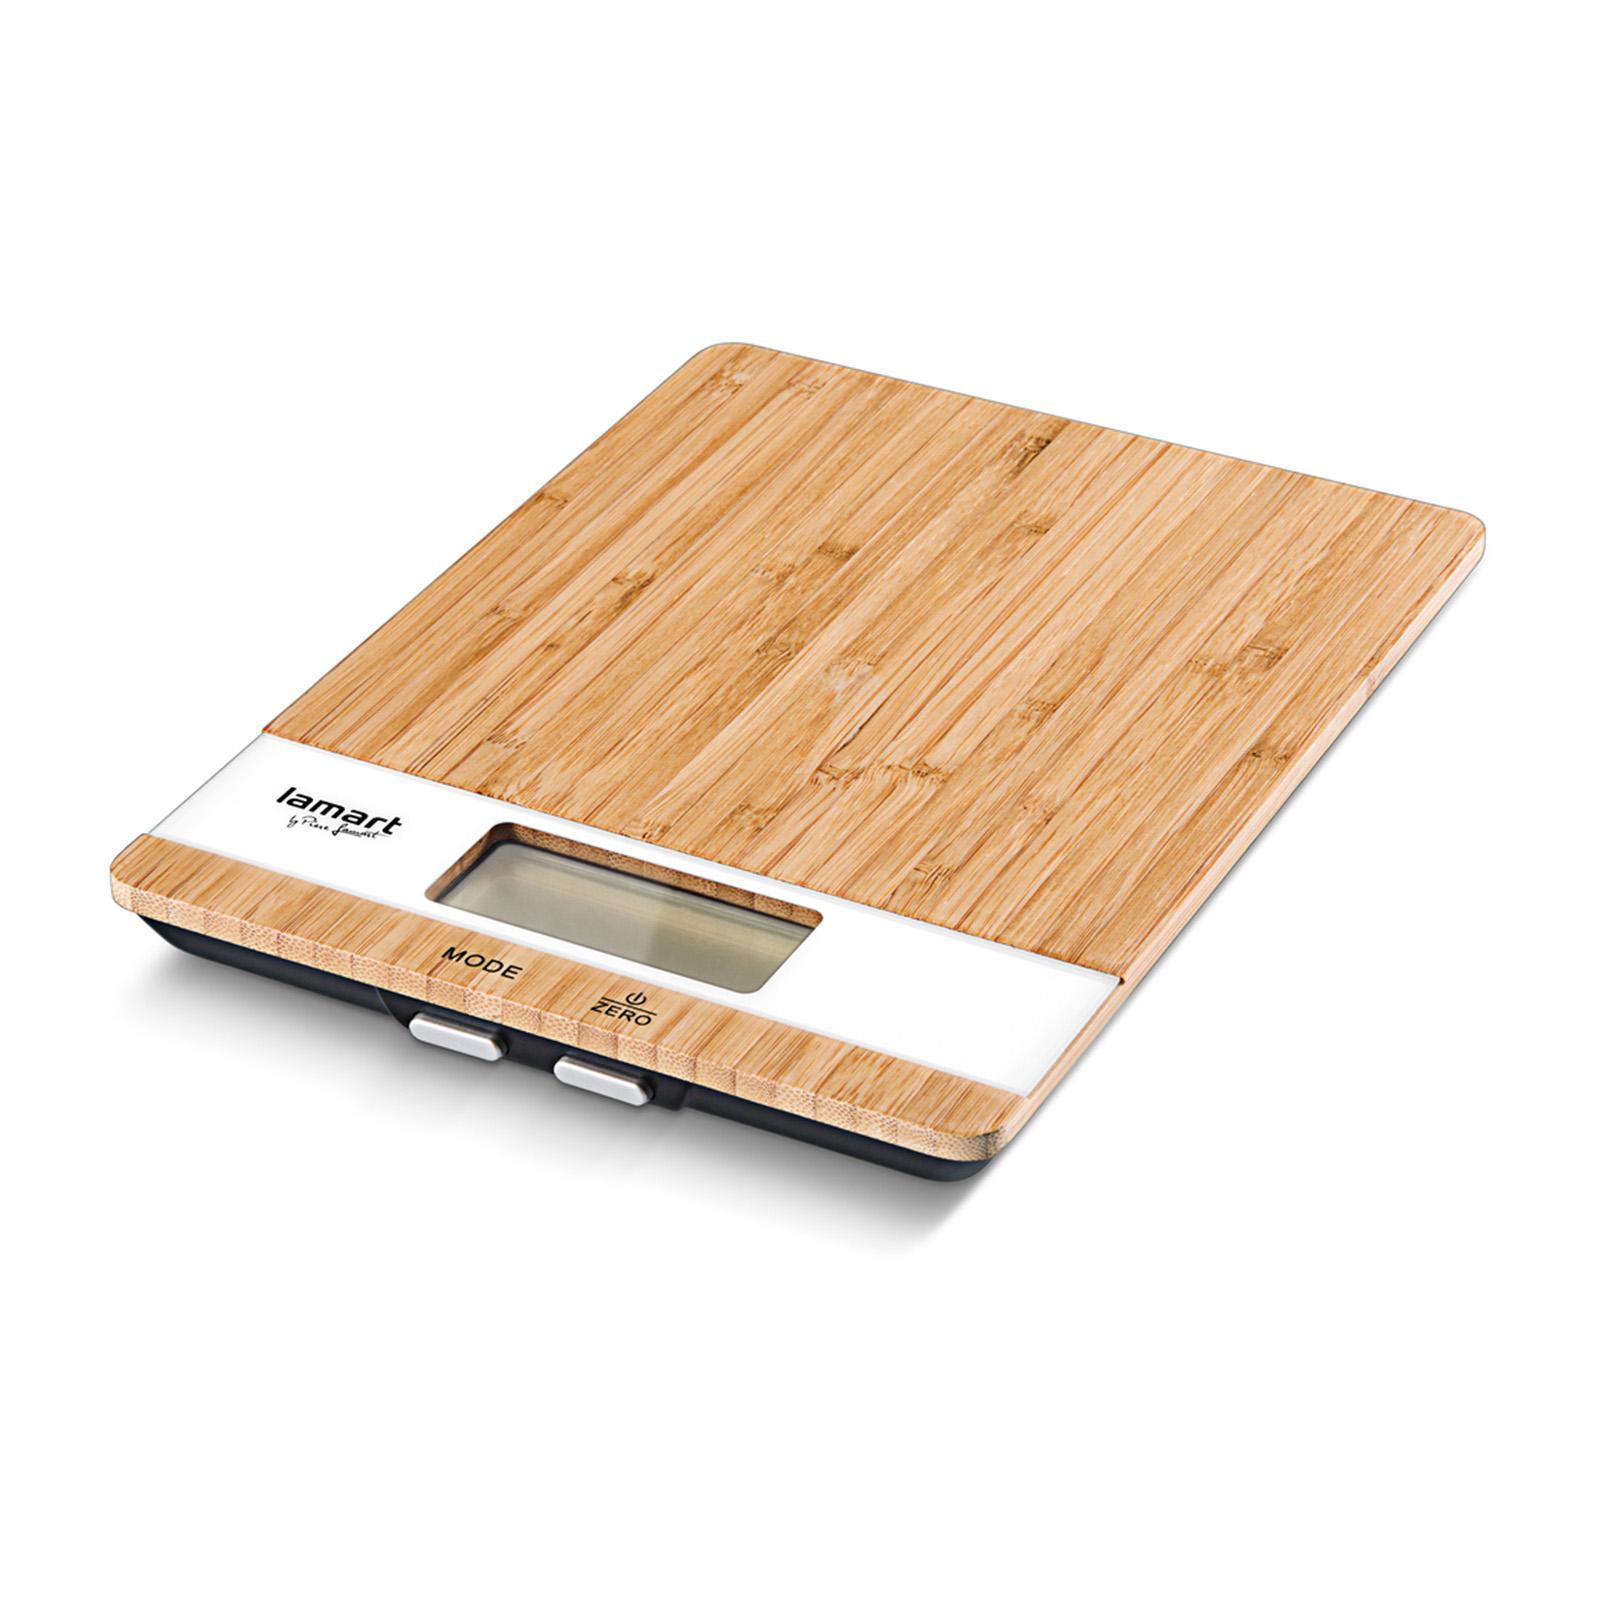 Lamart Bamboo Kitchen Scale